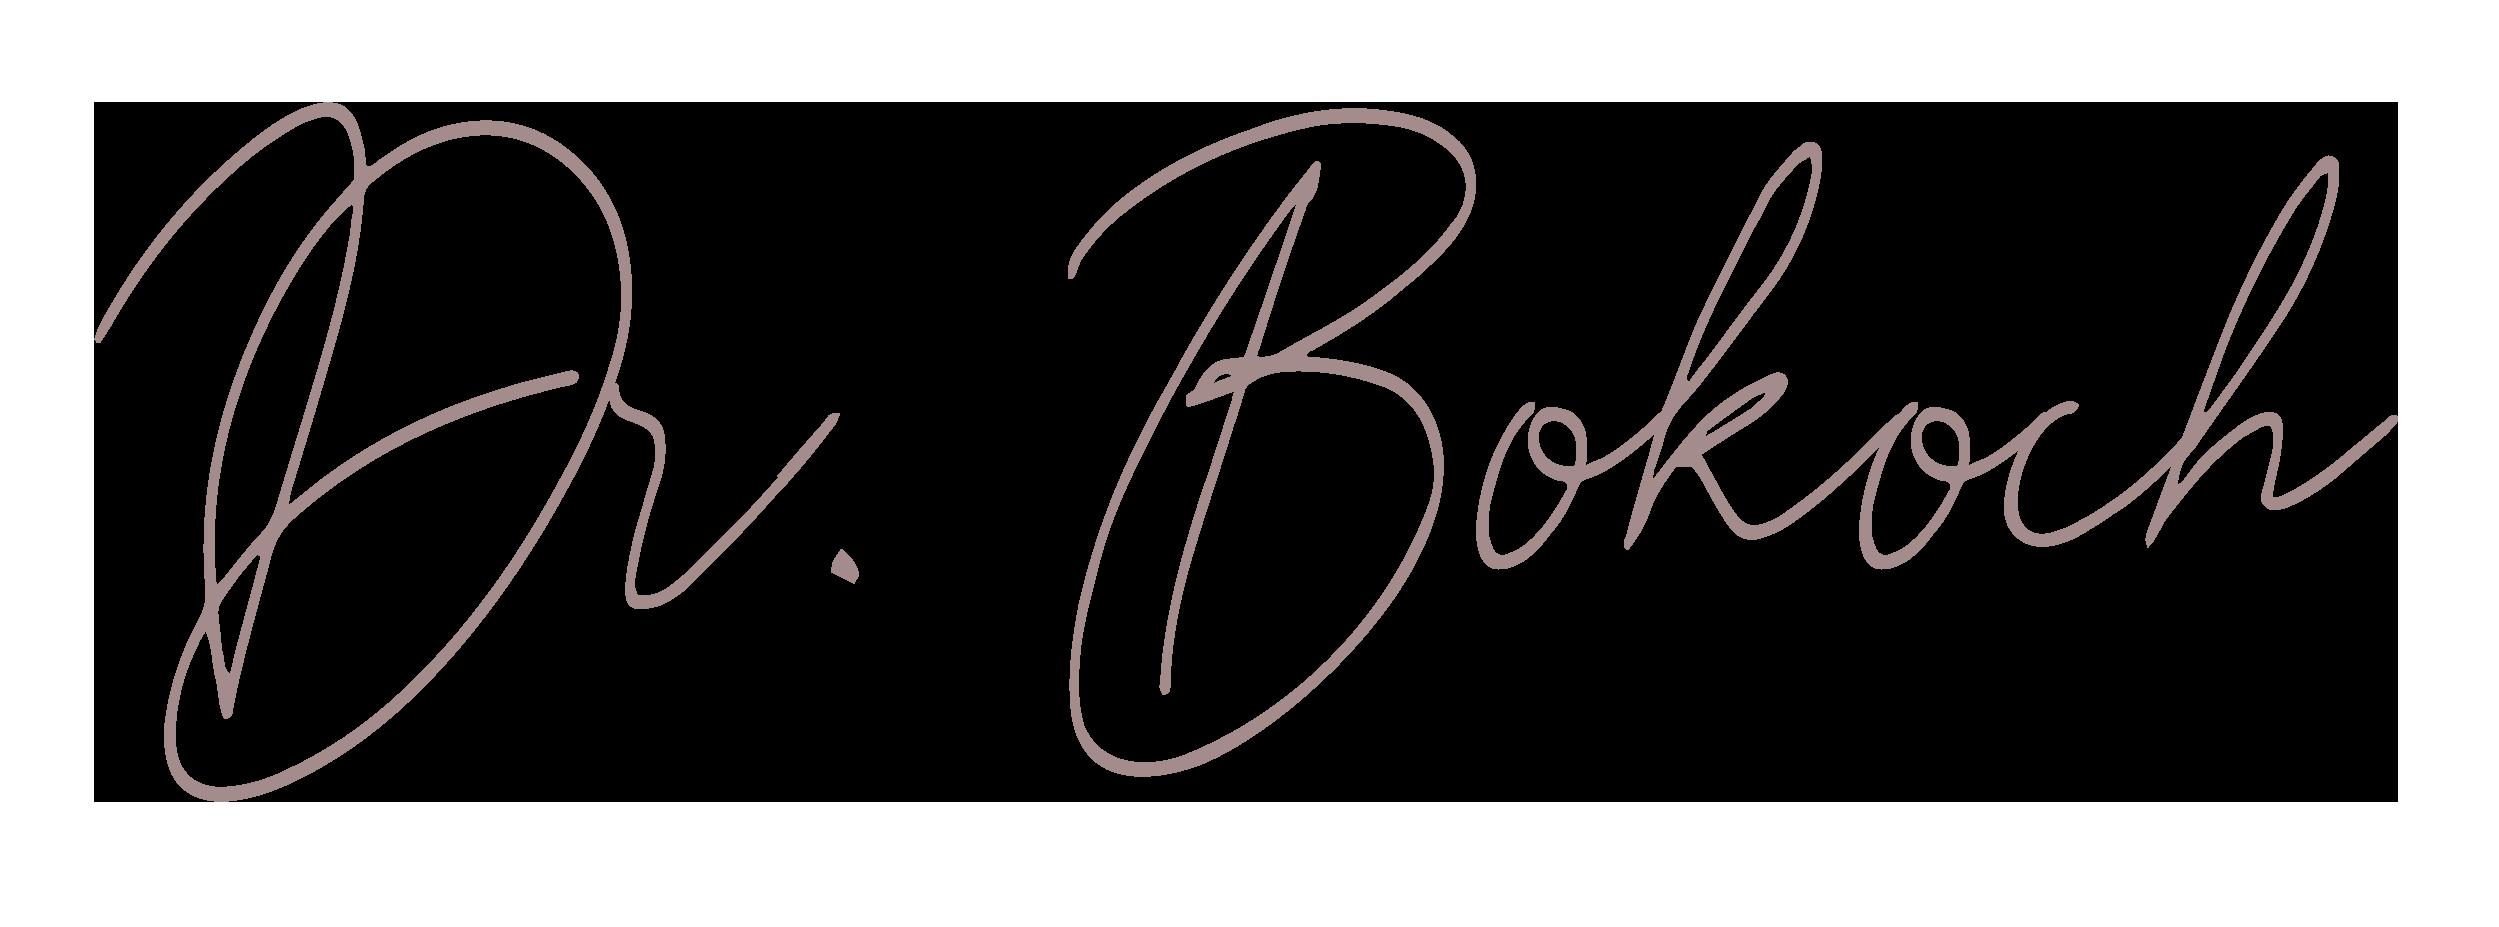 Dr. Bokoch